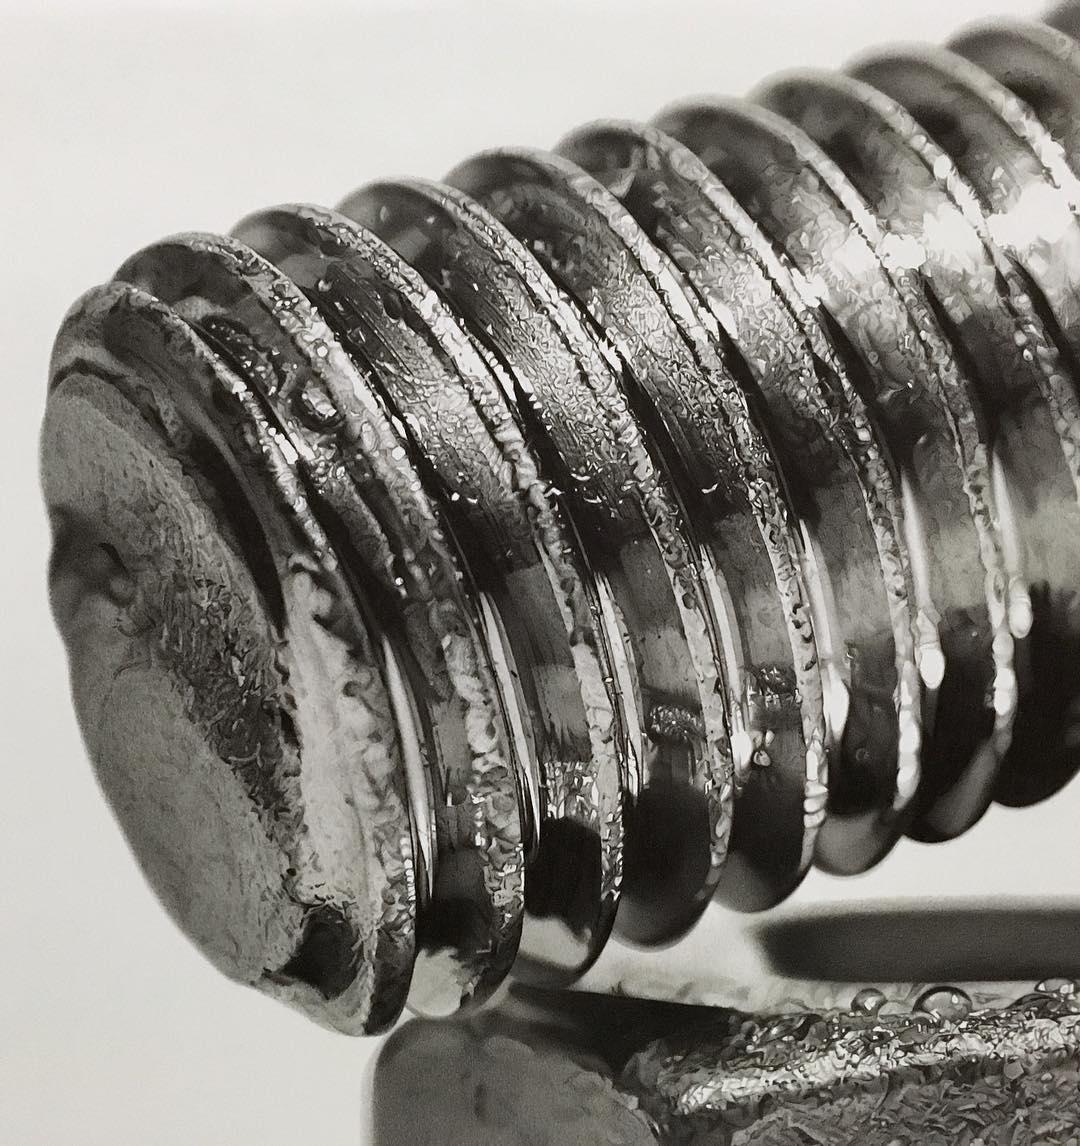 完美的金属细节:日本艺术家Kohei Ohmori超写实铅笔画